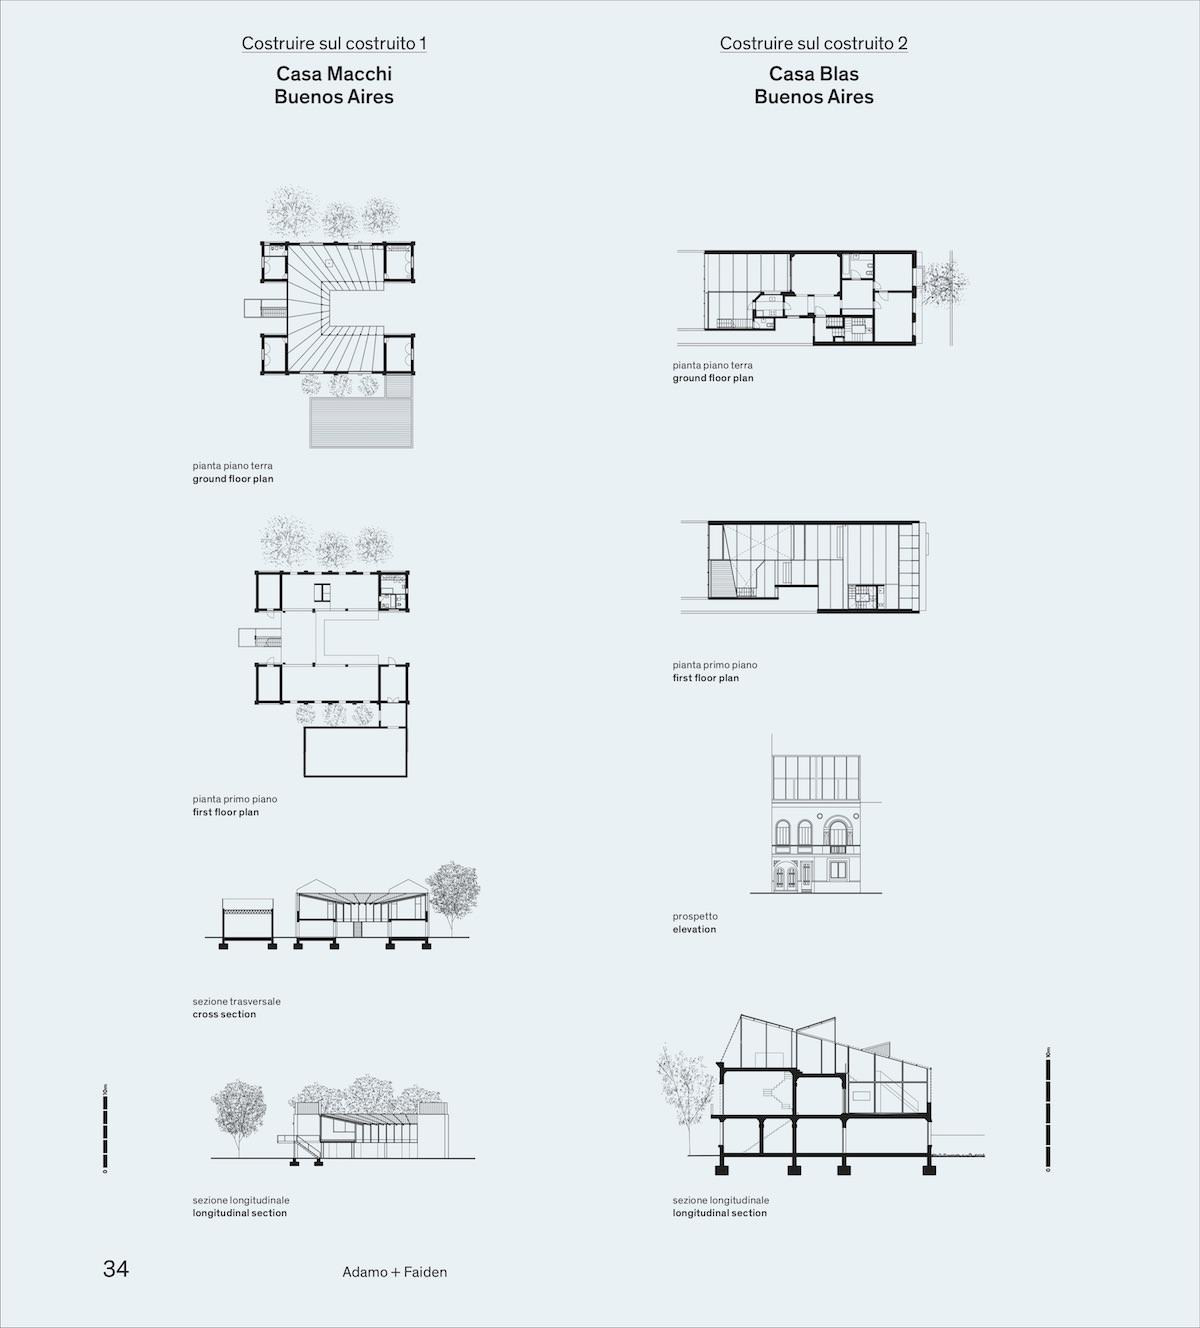 889 ADAMO-FAIDEN ARCHITECTS